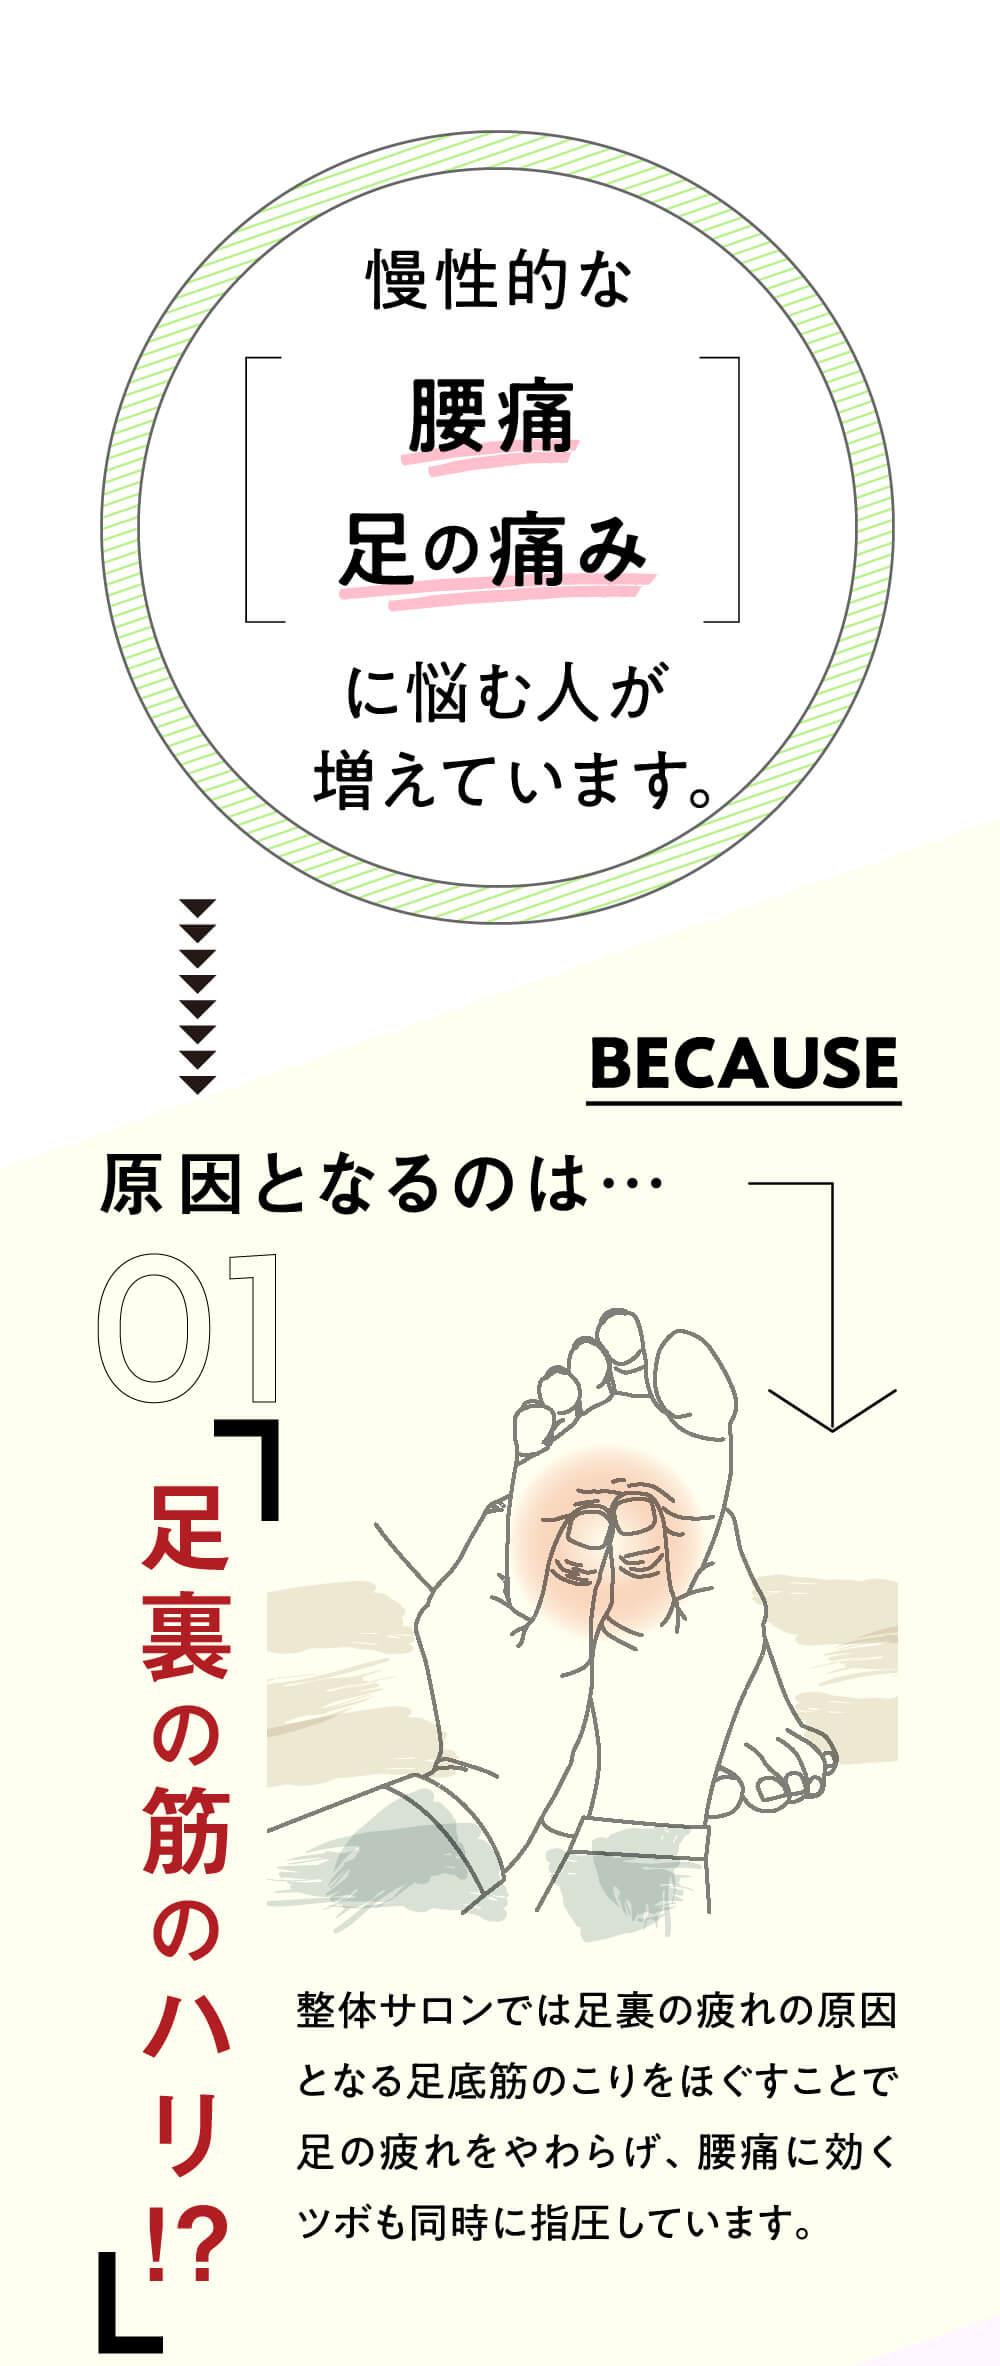 慢性的な腰痛足の痛みに悩む人が増えています